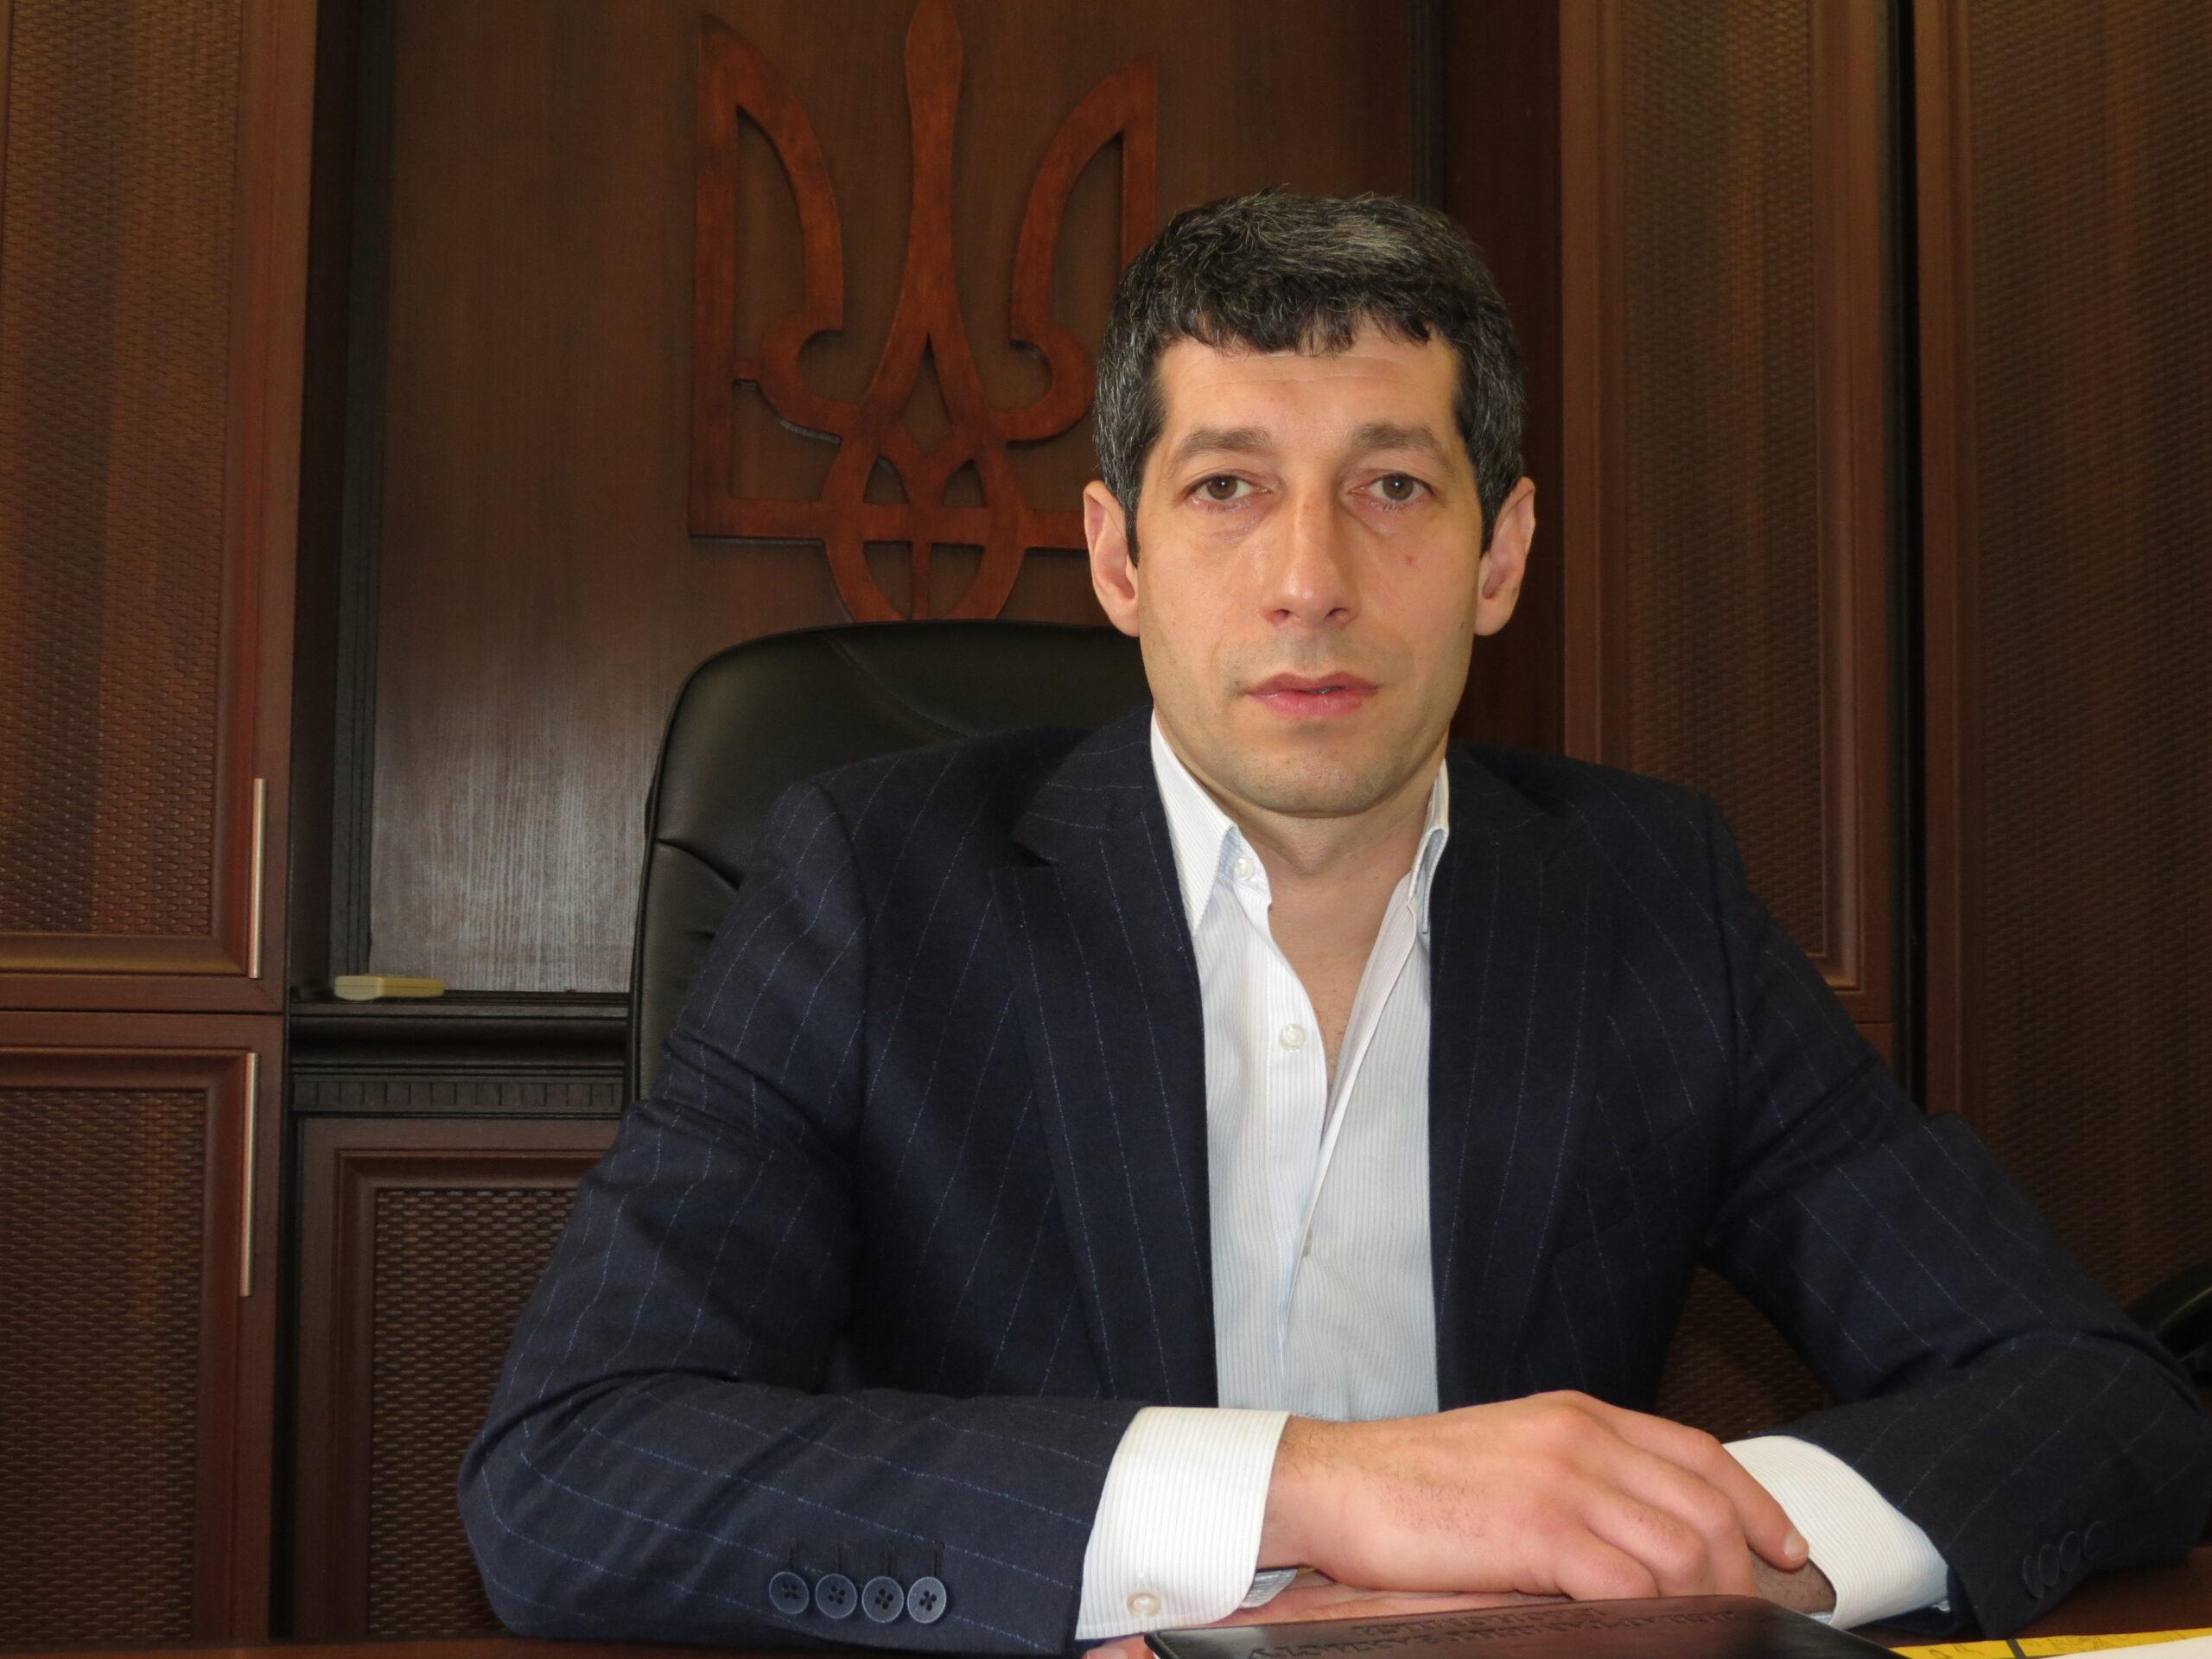 Астаф'єв Андрій Андрійович – начальник Броварського районного управління поліції